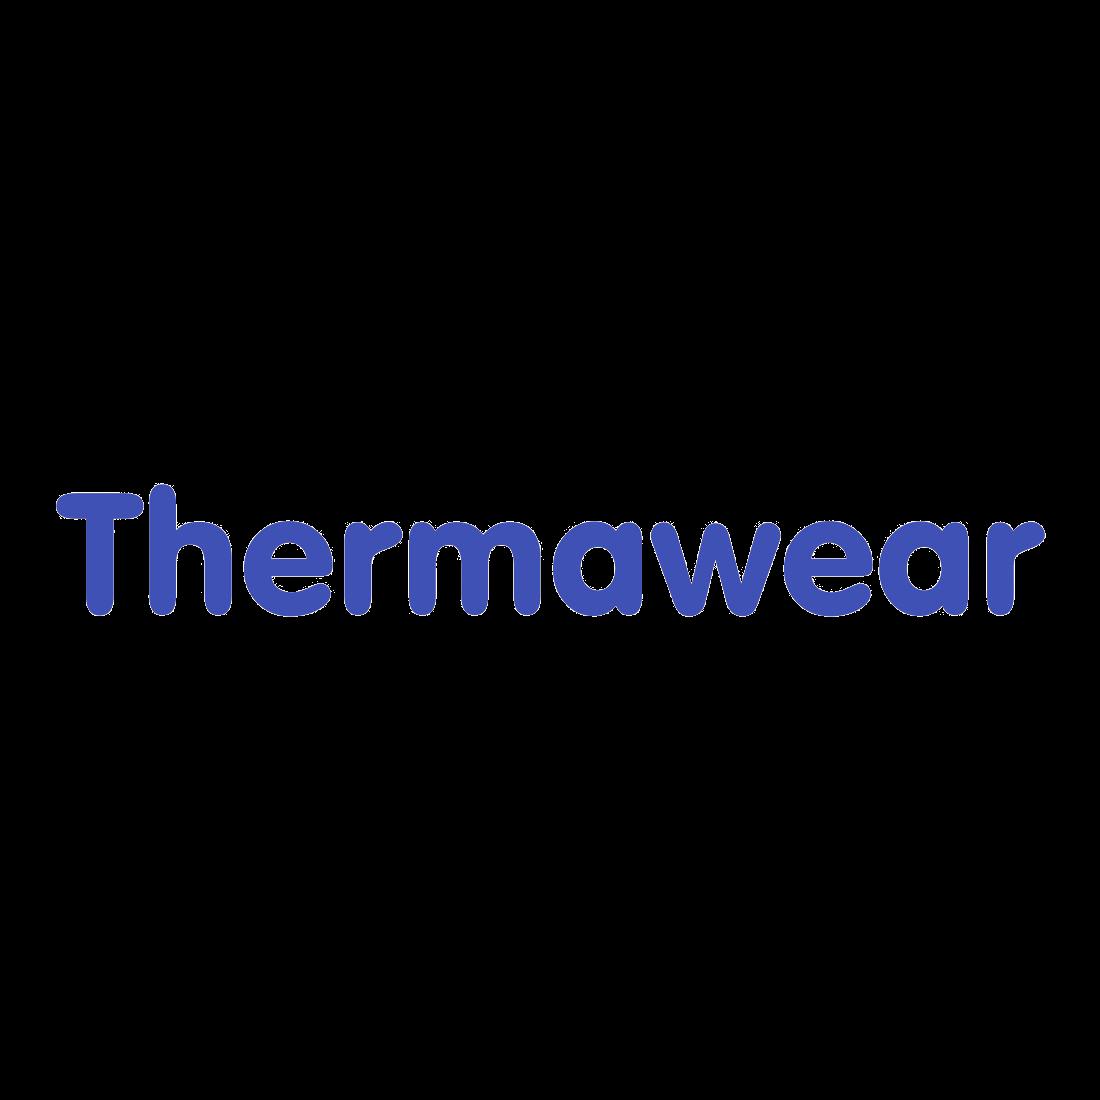 Thermawear